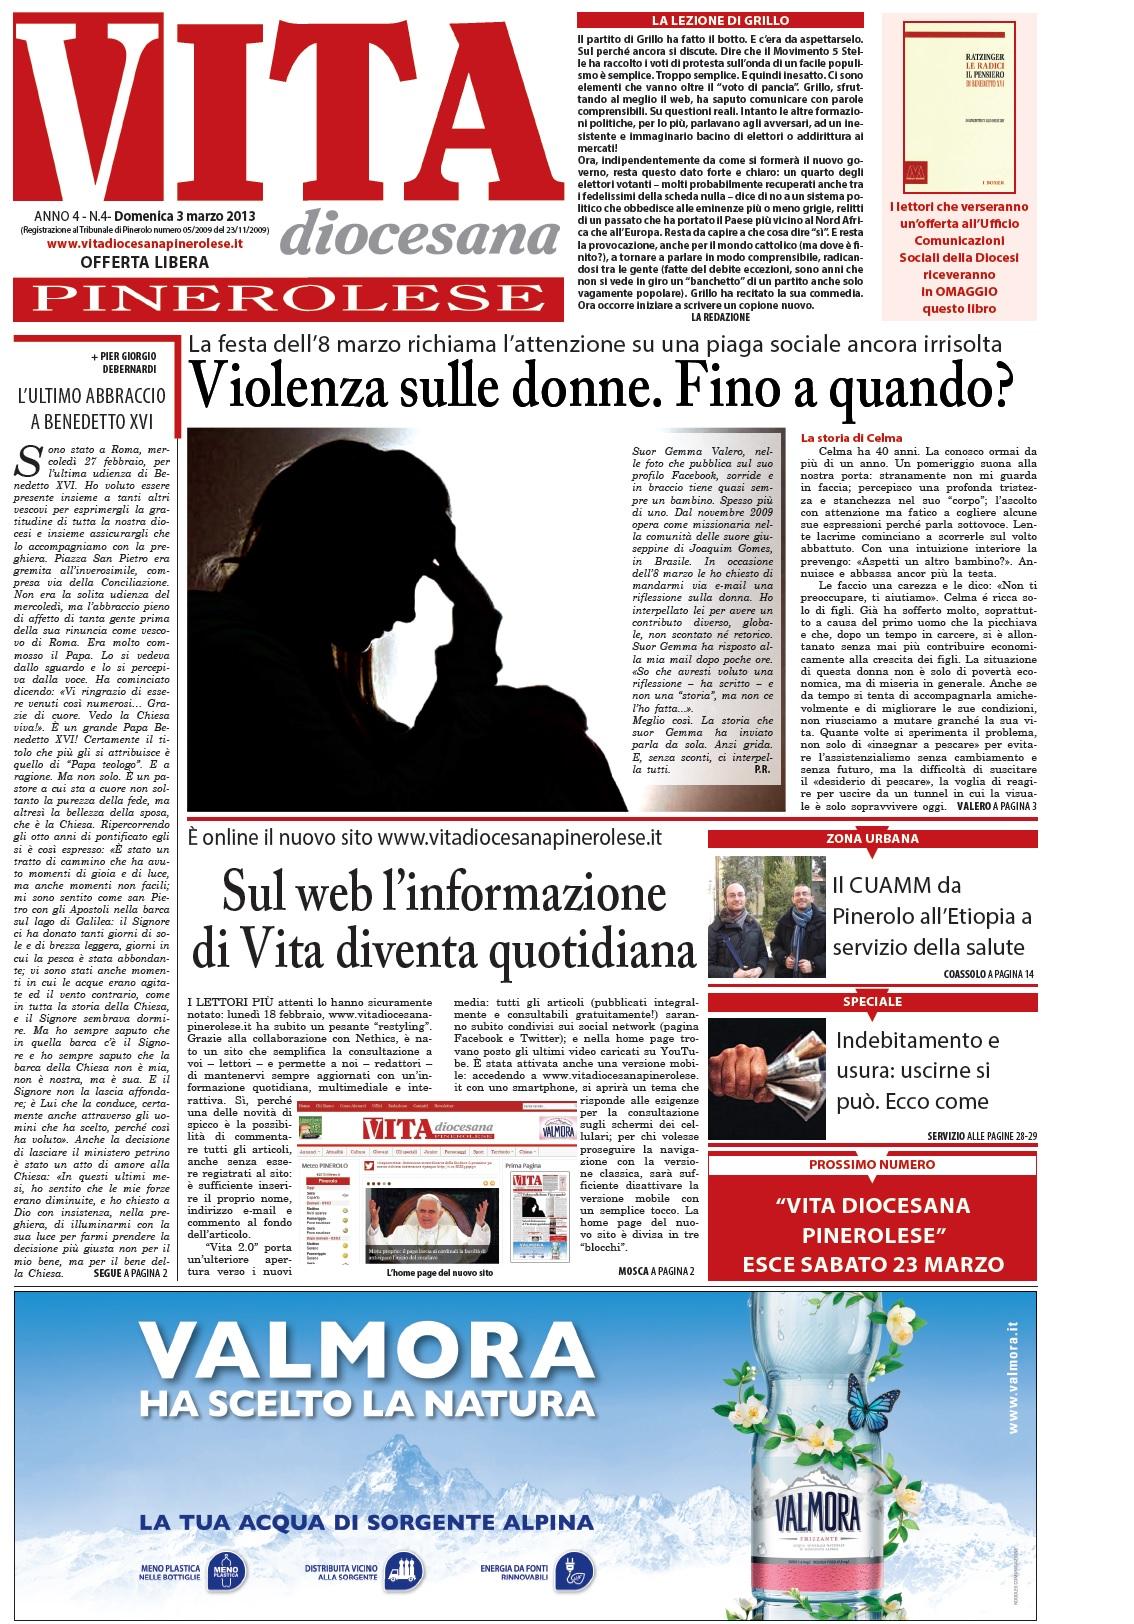 Prima pagina numero 4 - domenica 3 marzo 2013